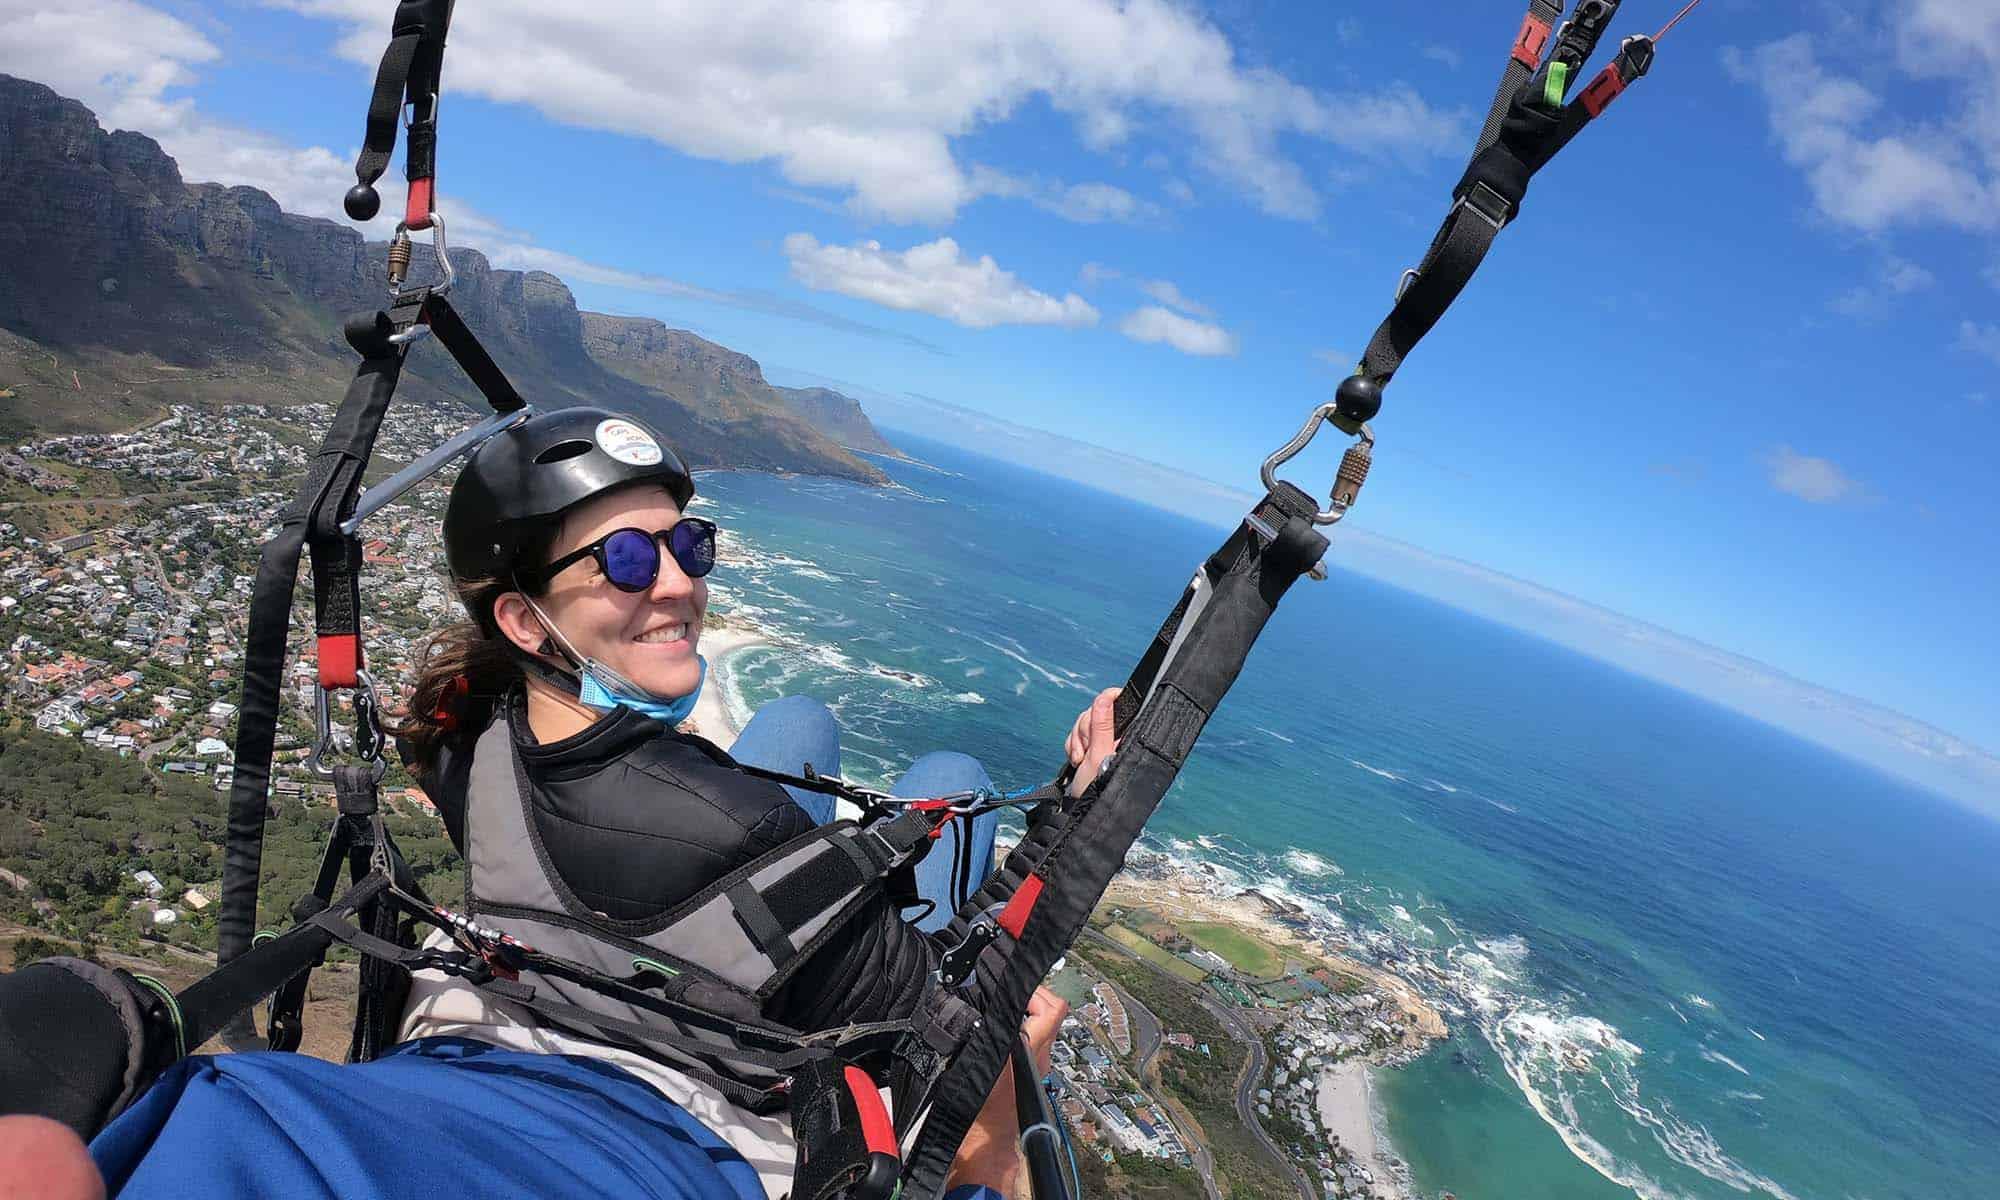 cape-hope-paragliding-21-min